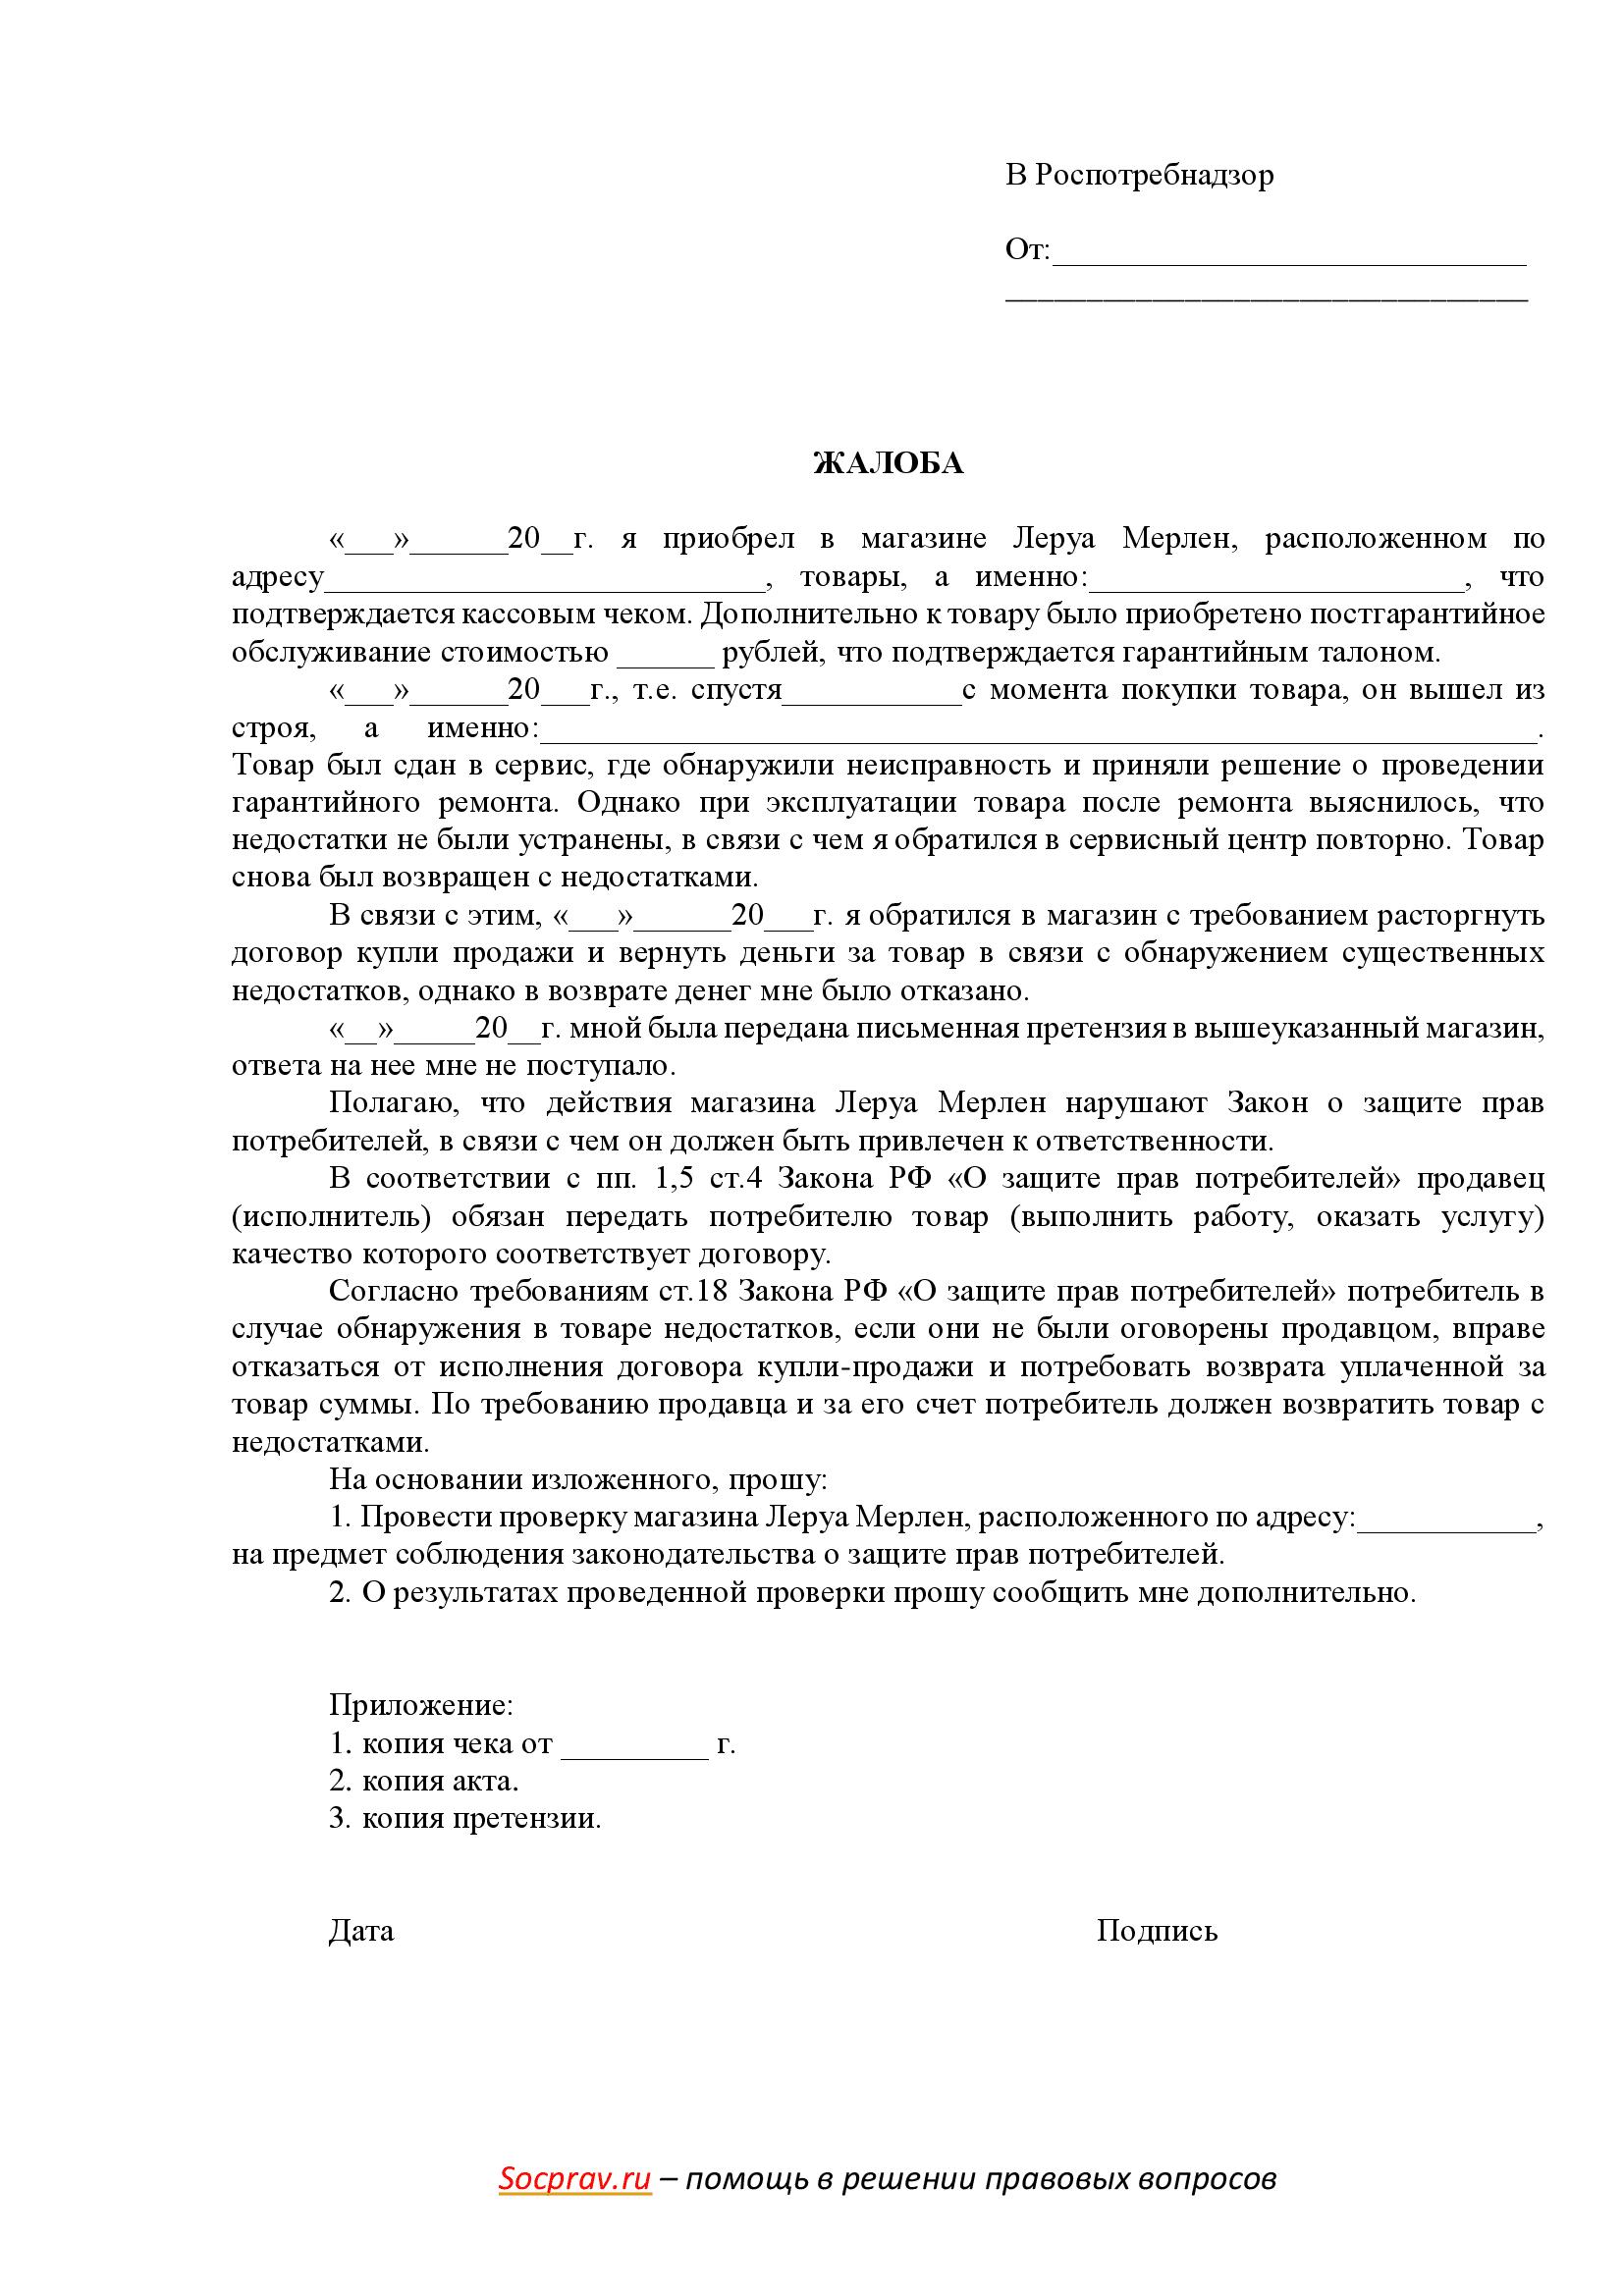 Жалоба на Леруа Мерлен в Роспотребнадзор